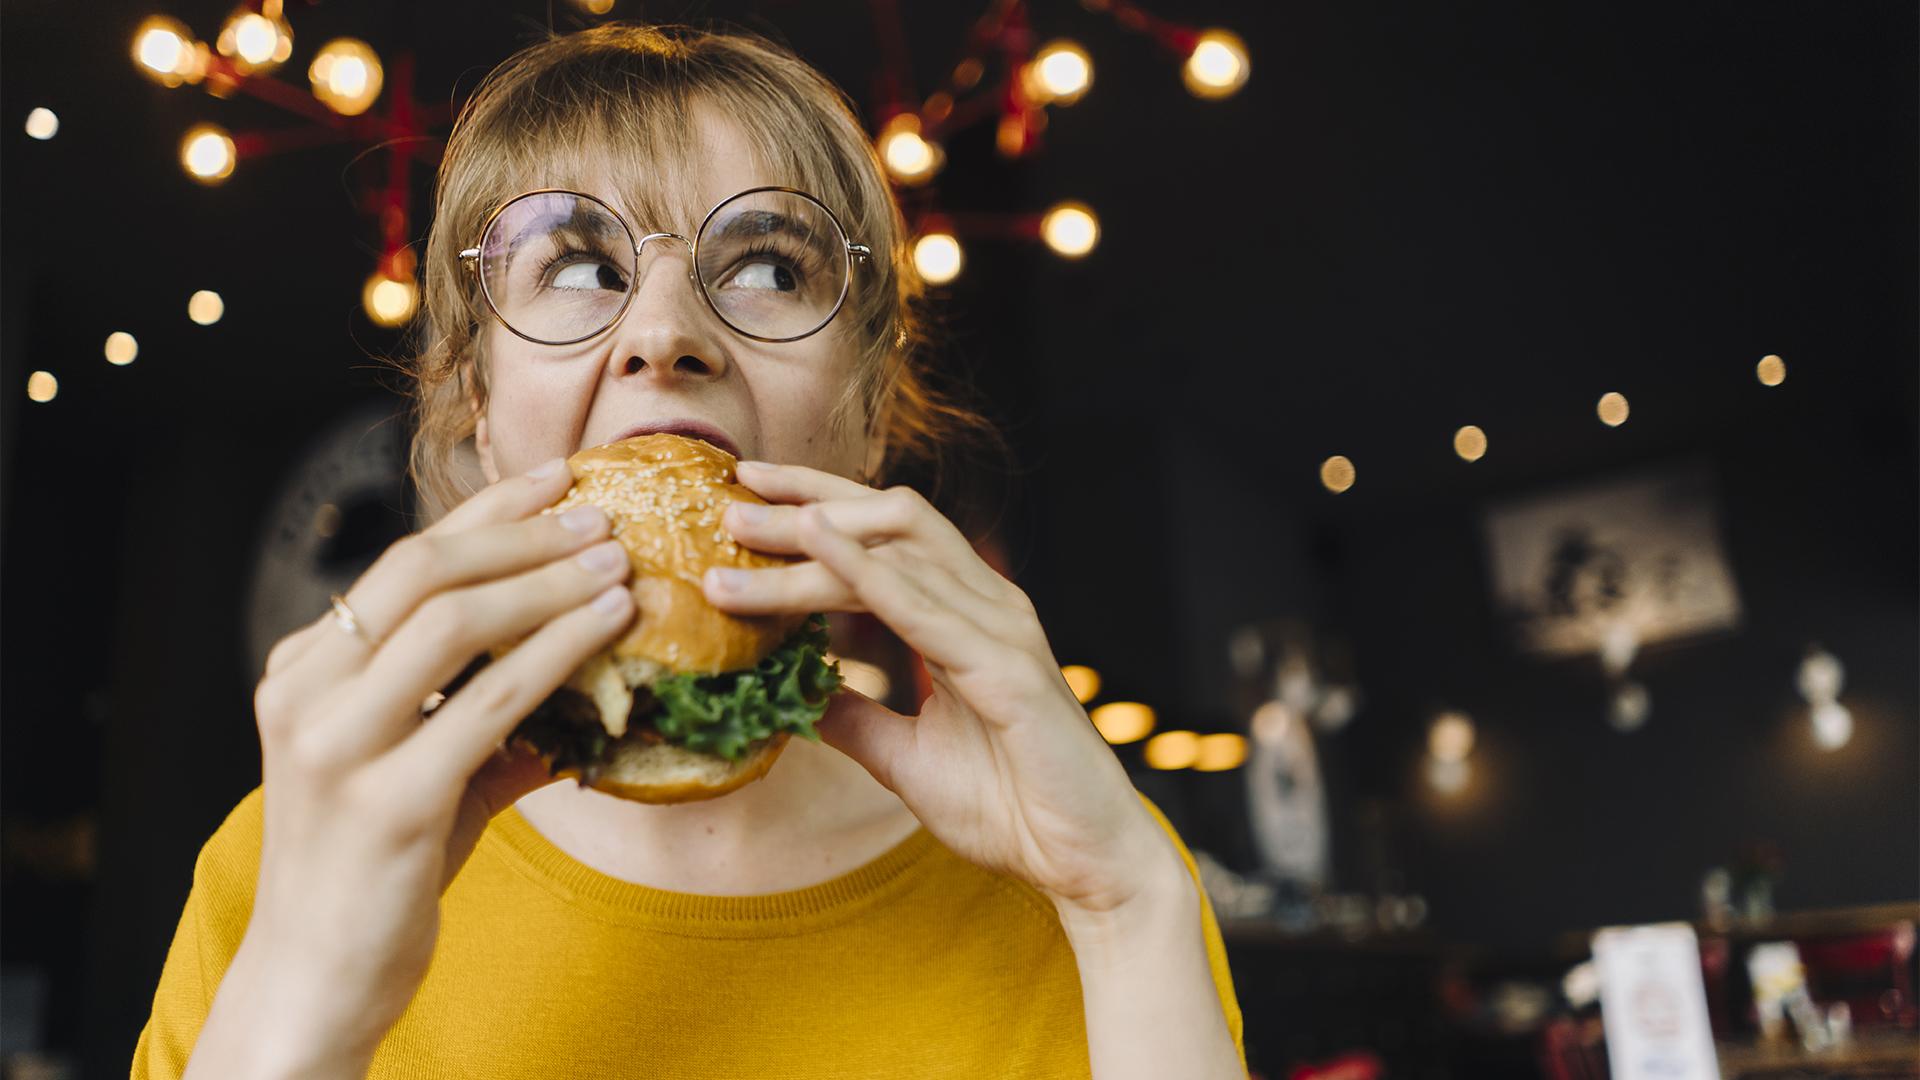 Tudtad, hogy a McDonald's már 60 éve kitalálta a húsmentes hamburgert